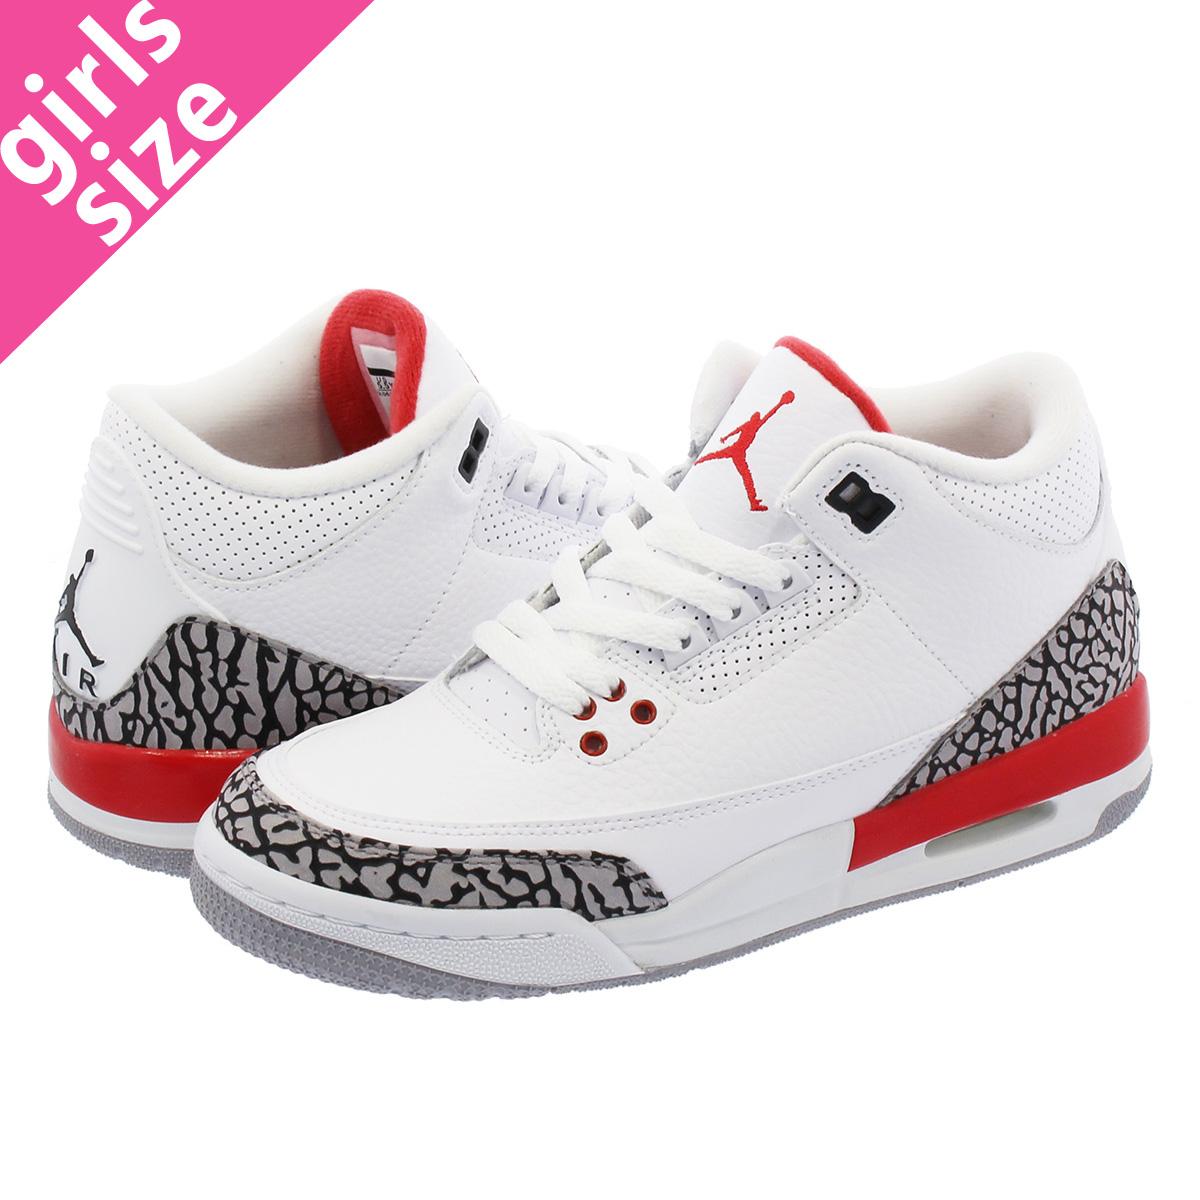 NIKE AIR JORDAN 3 RETRO BG Nike Air Jordan 3 nostalgic BG WHITECEMENT GREYFIRE RED 398,614 116